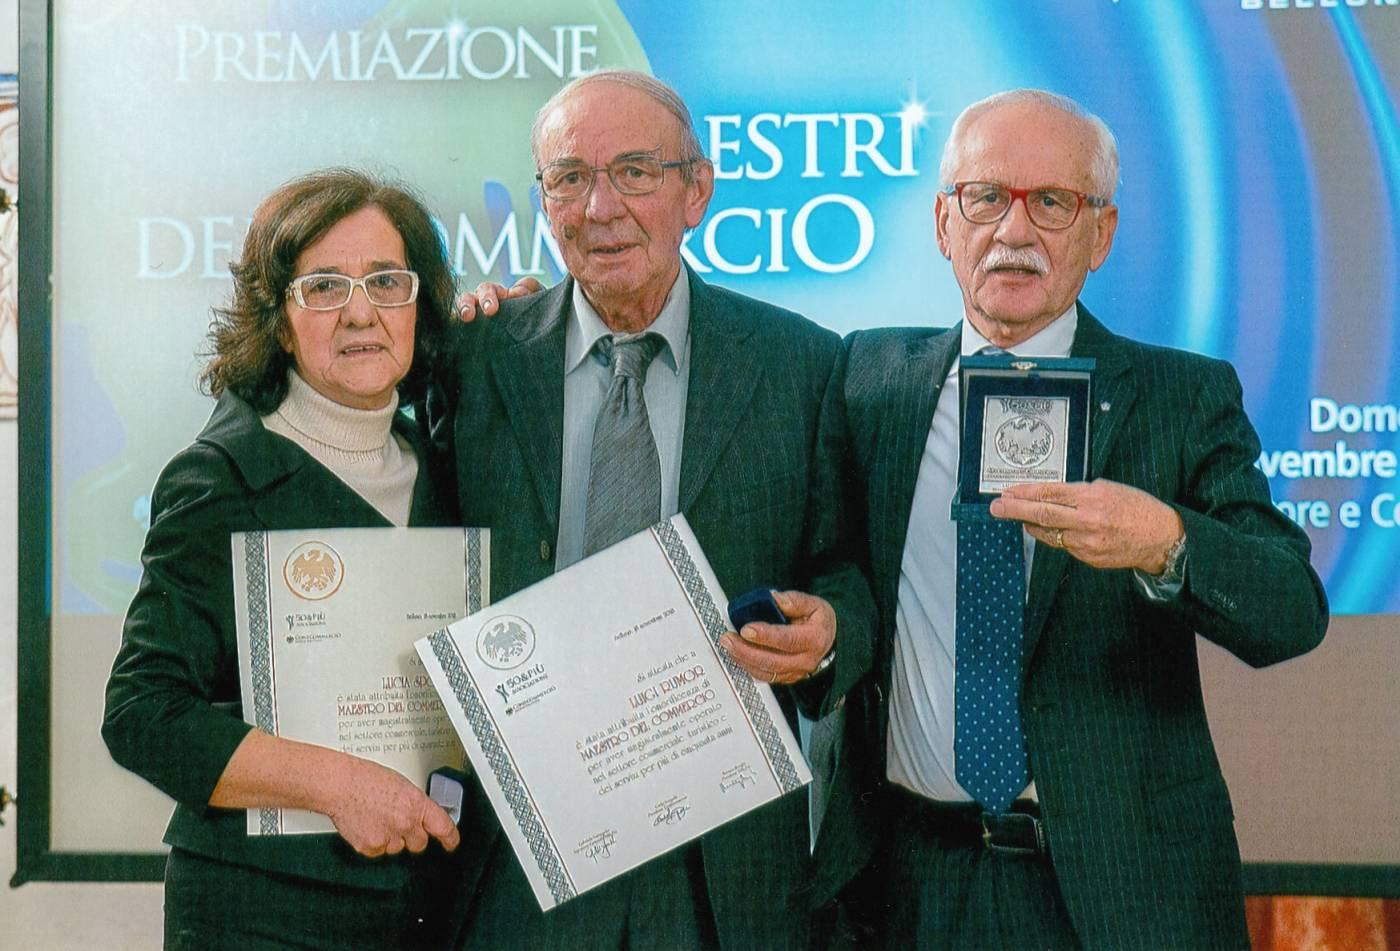 Momento della premiazione di Luigi Rumor alla Camera di Commercio per i 50 anni di attività.